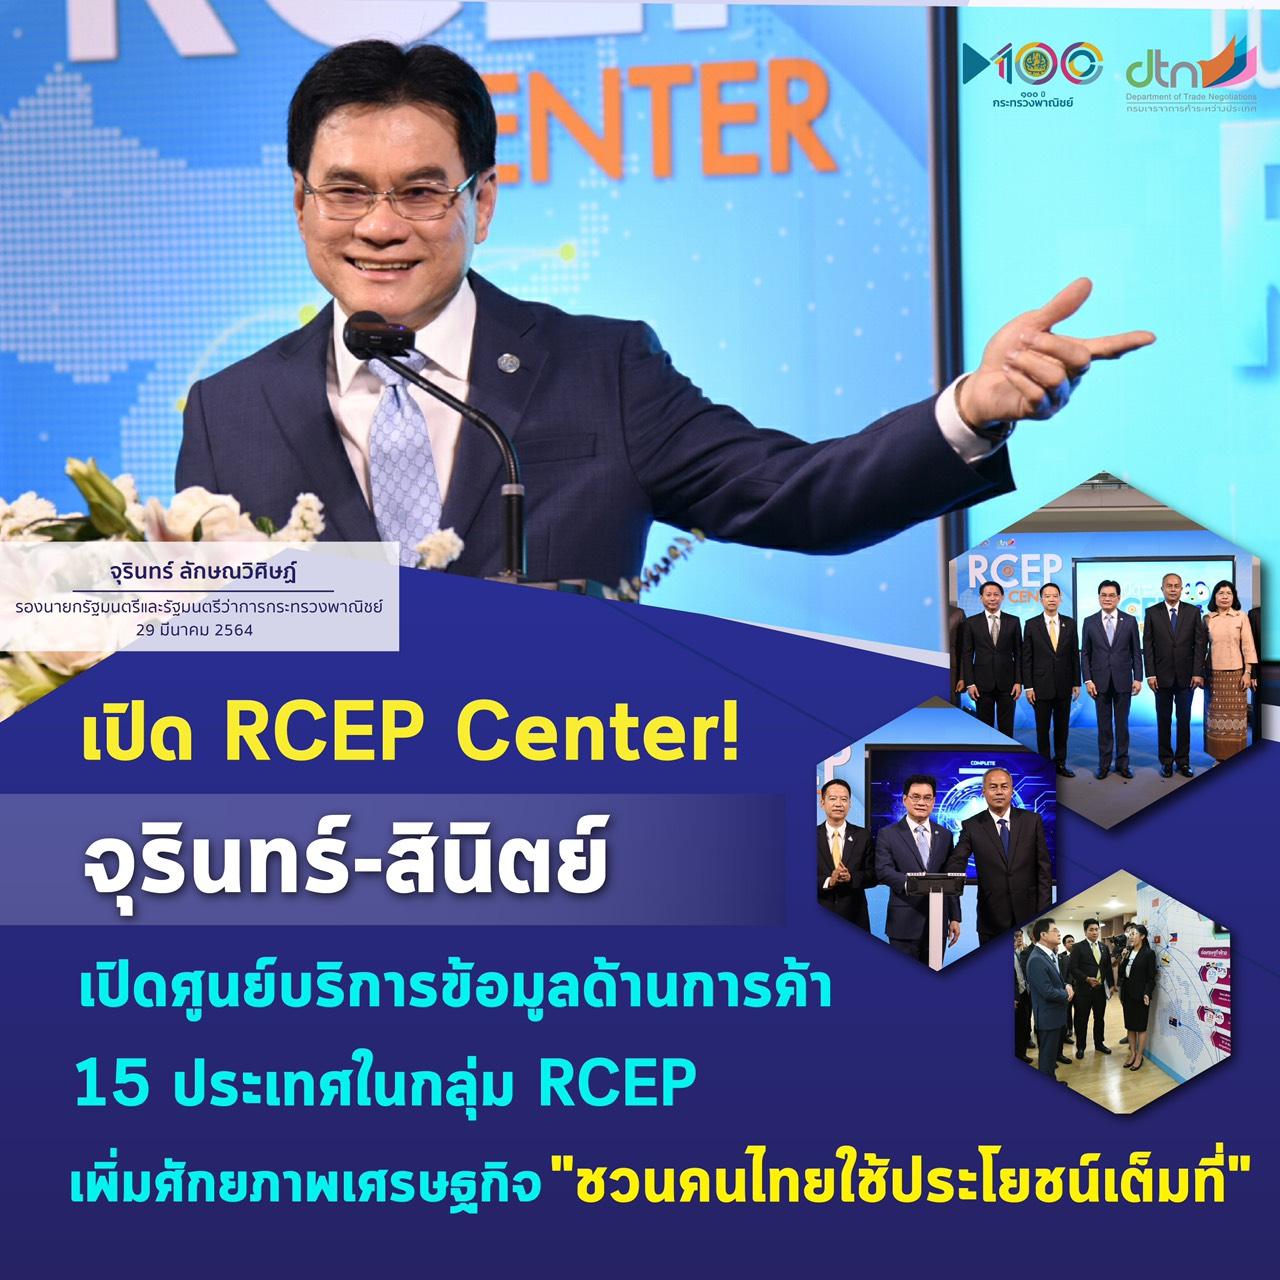 """'พาณิชย์' เปิดตัว """"RCEP Center"""" บริการครบเครื่องเรื่องการค้าเสรี"""